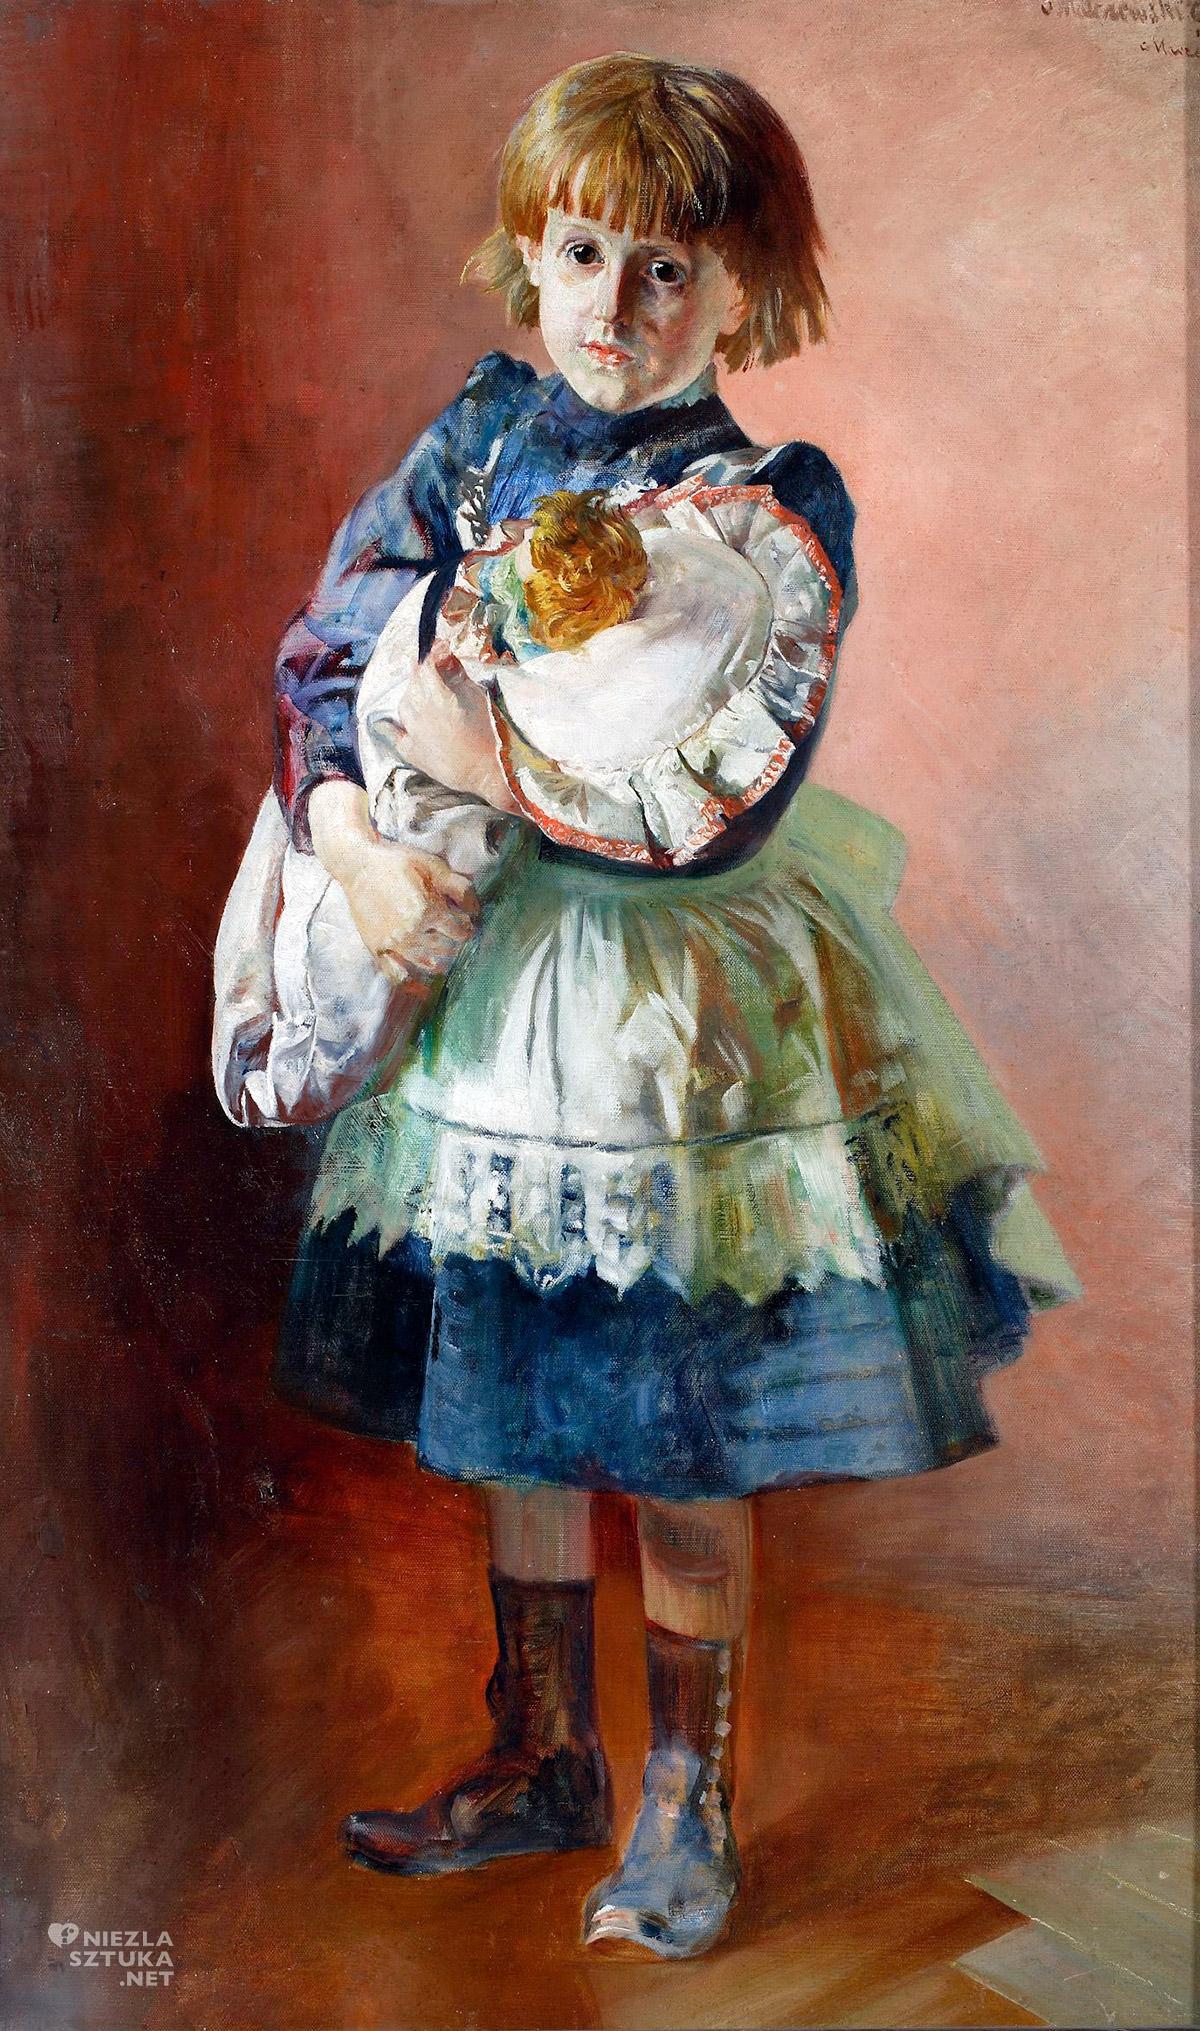 Jacek Malczewski, Portret Julii, Julia Malczewska, córka artysty, Niezła sztuka